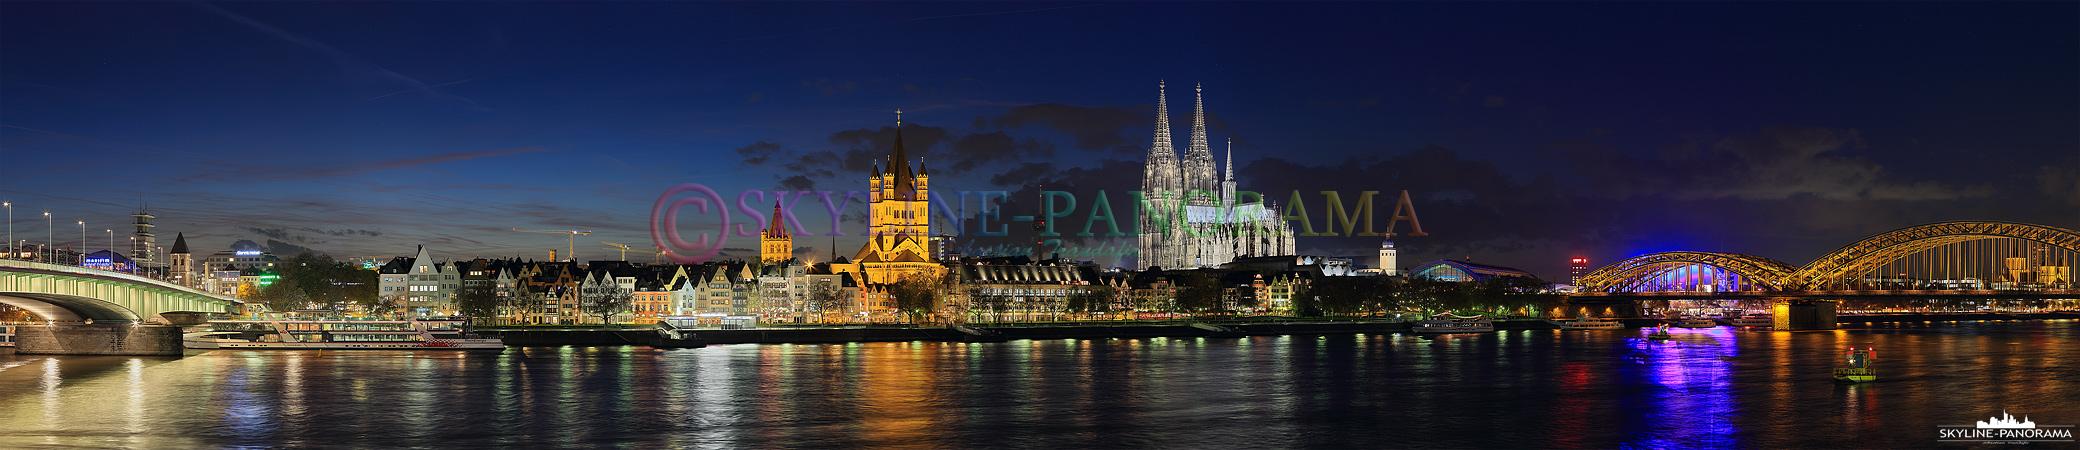 Bild der Domstadt Köln